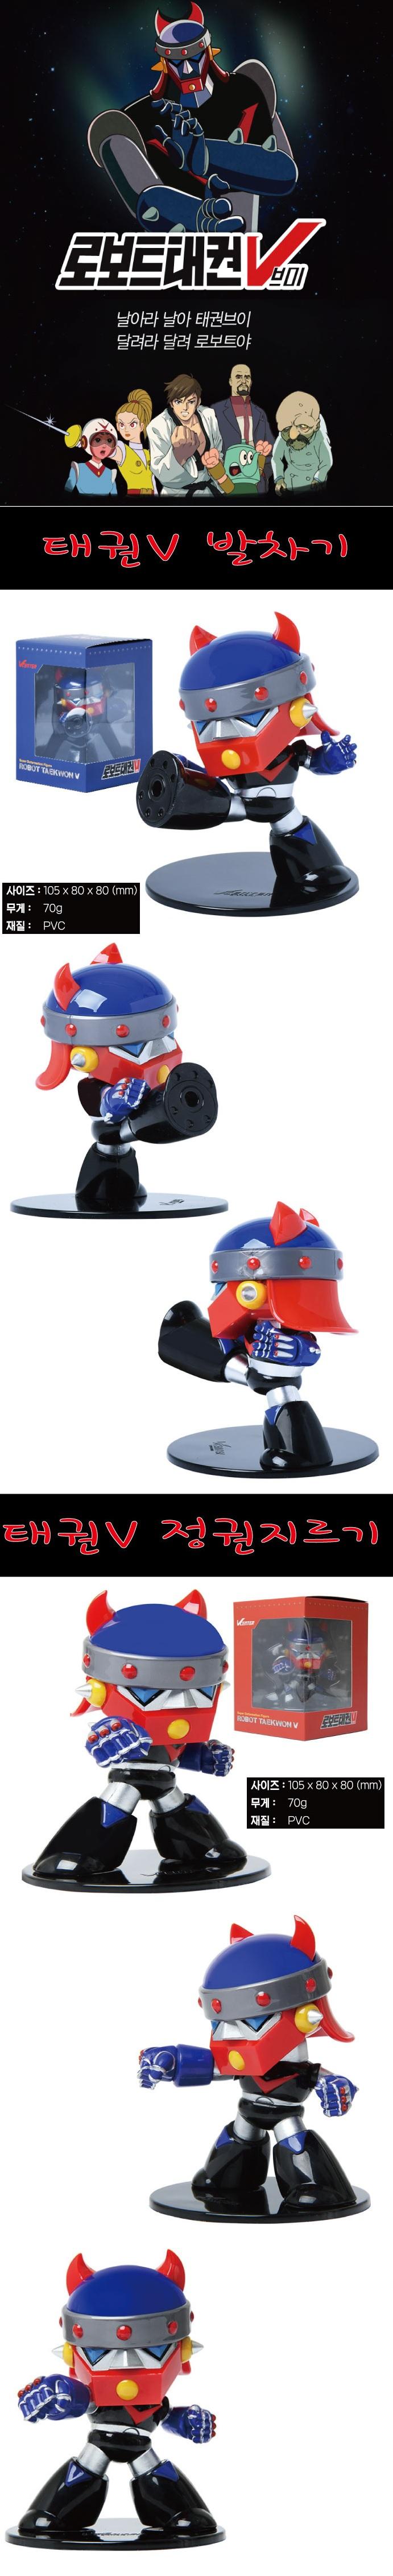 로보트 태권V SD 피규어 - 에이치이엠코리아, 12,000원, 캐릭터 피규어, 기타 캐릭터피규어